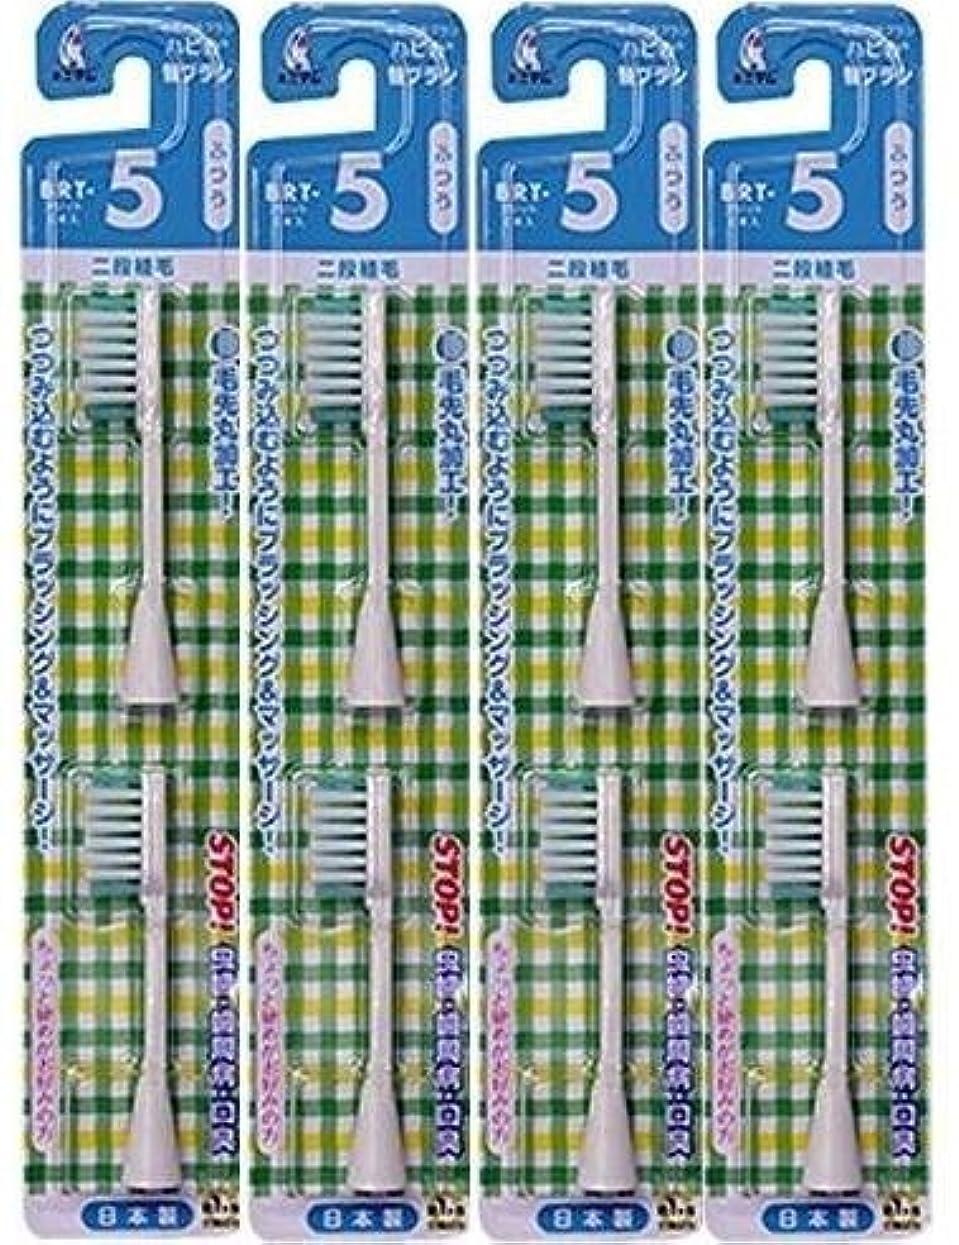 外側マントル磁石電動歯ブラシ ハピカ専用替ブラシふつう 2段植毛2本入(BRT-5T)×4個セット